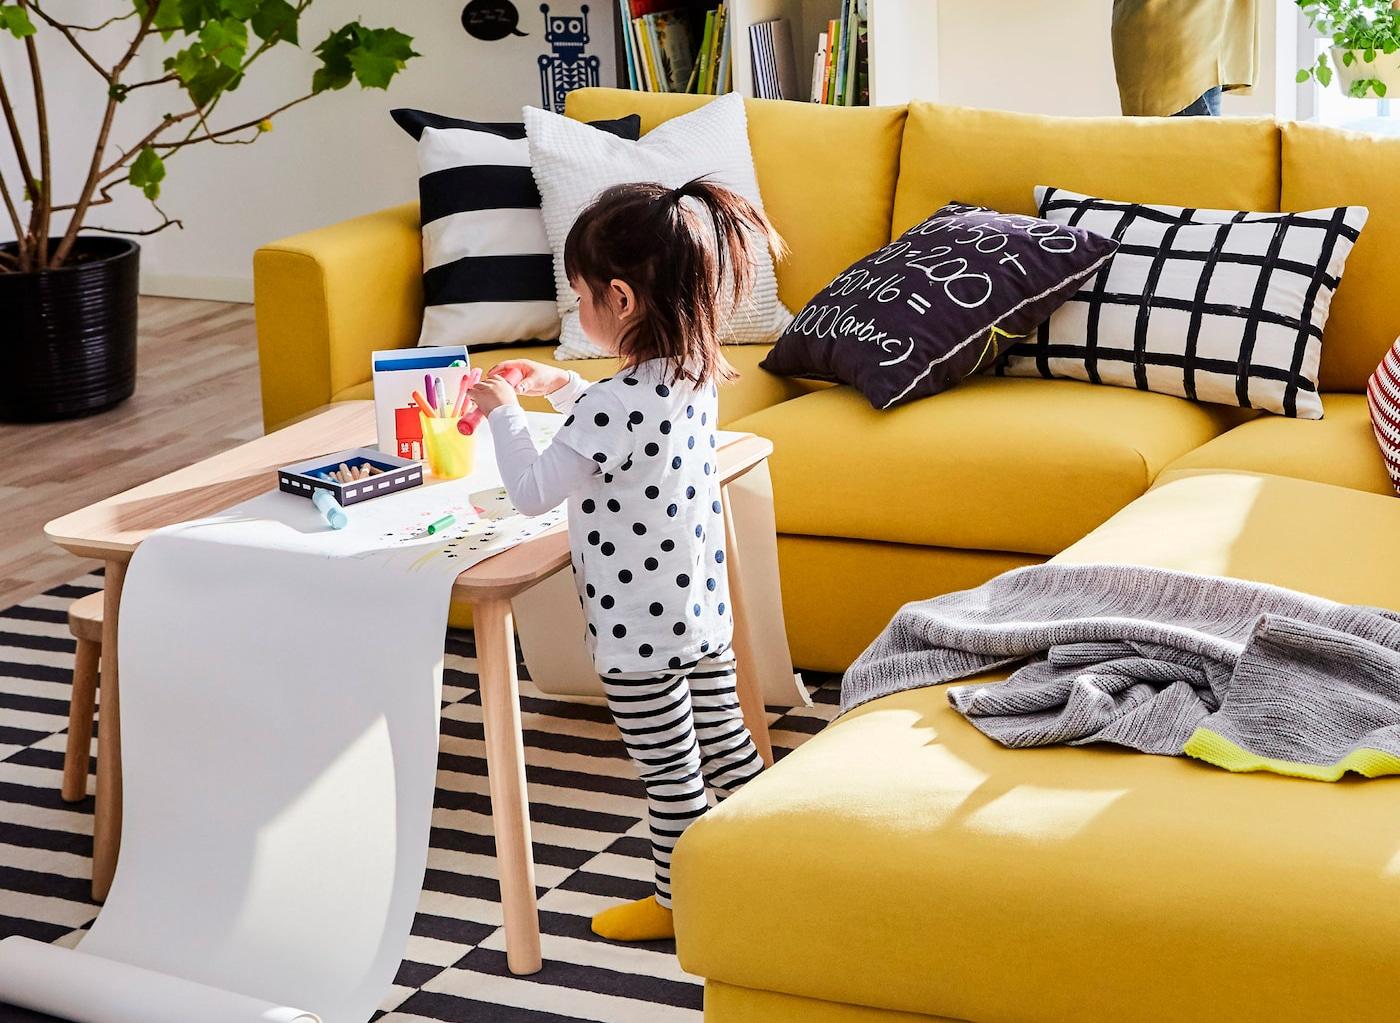 فتاة ترسم على لفافة طويلة من الورق فوق طاولة القهوة وبجانب قسم كنبة بثلاثة مقاعد VIMLE من ايكيا.